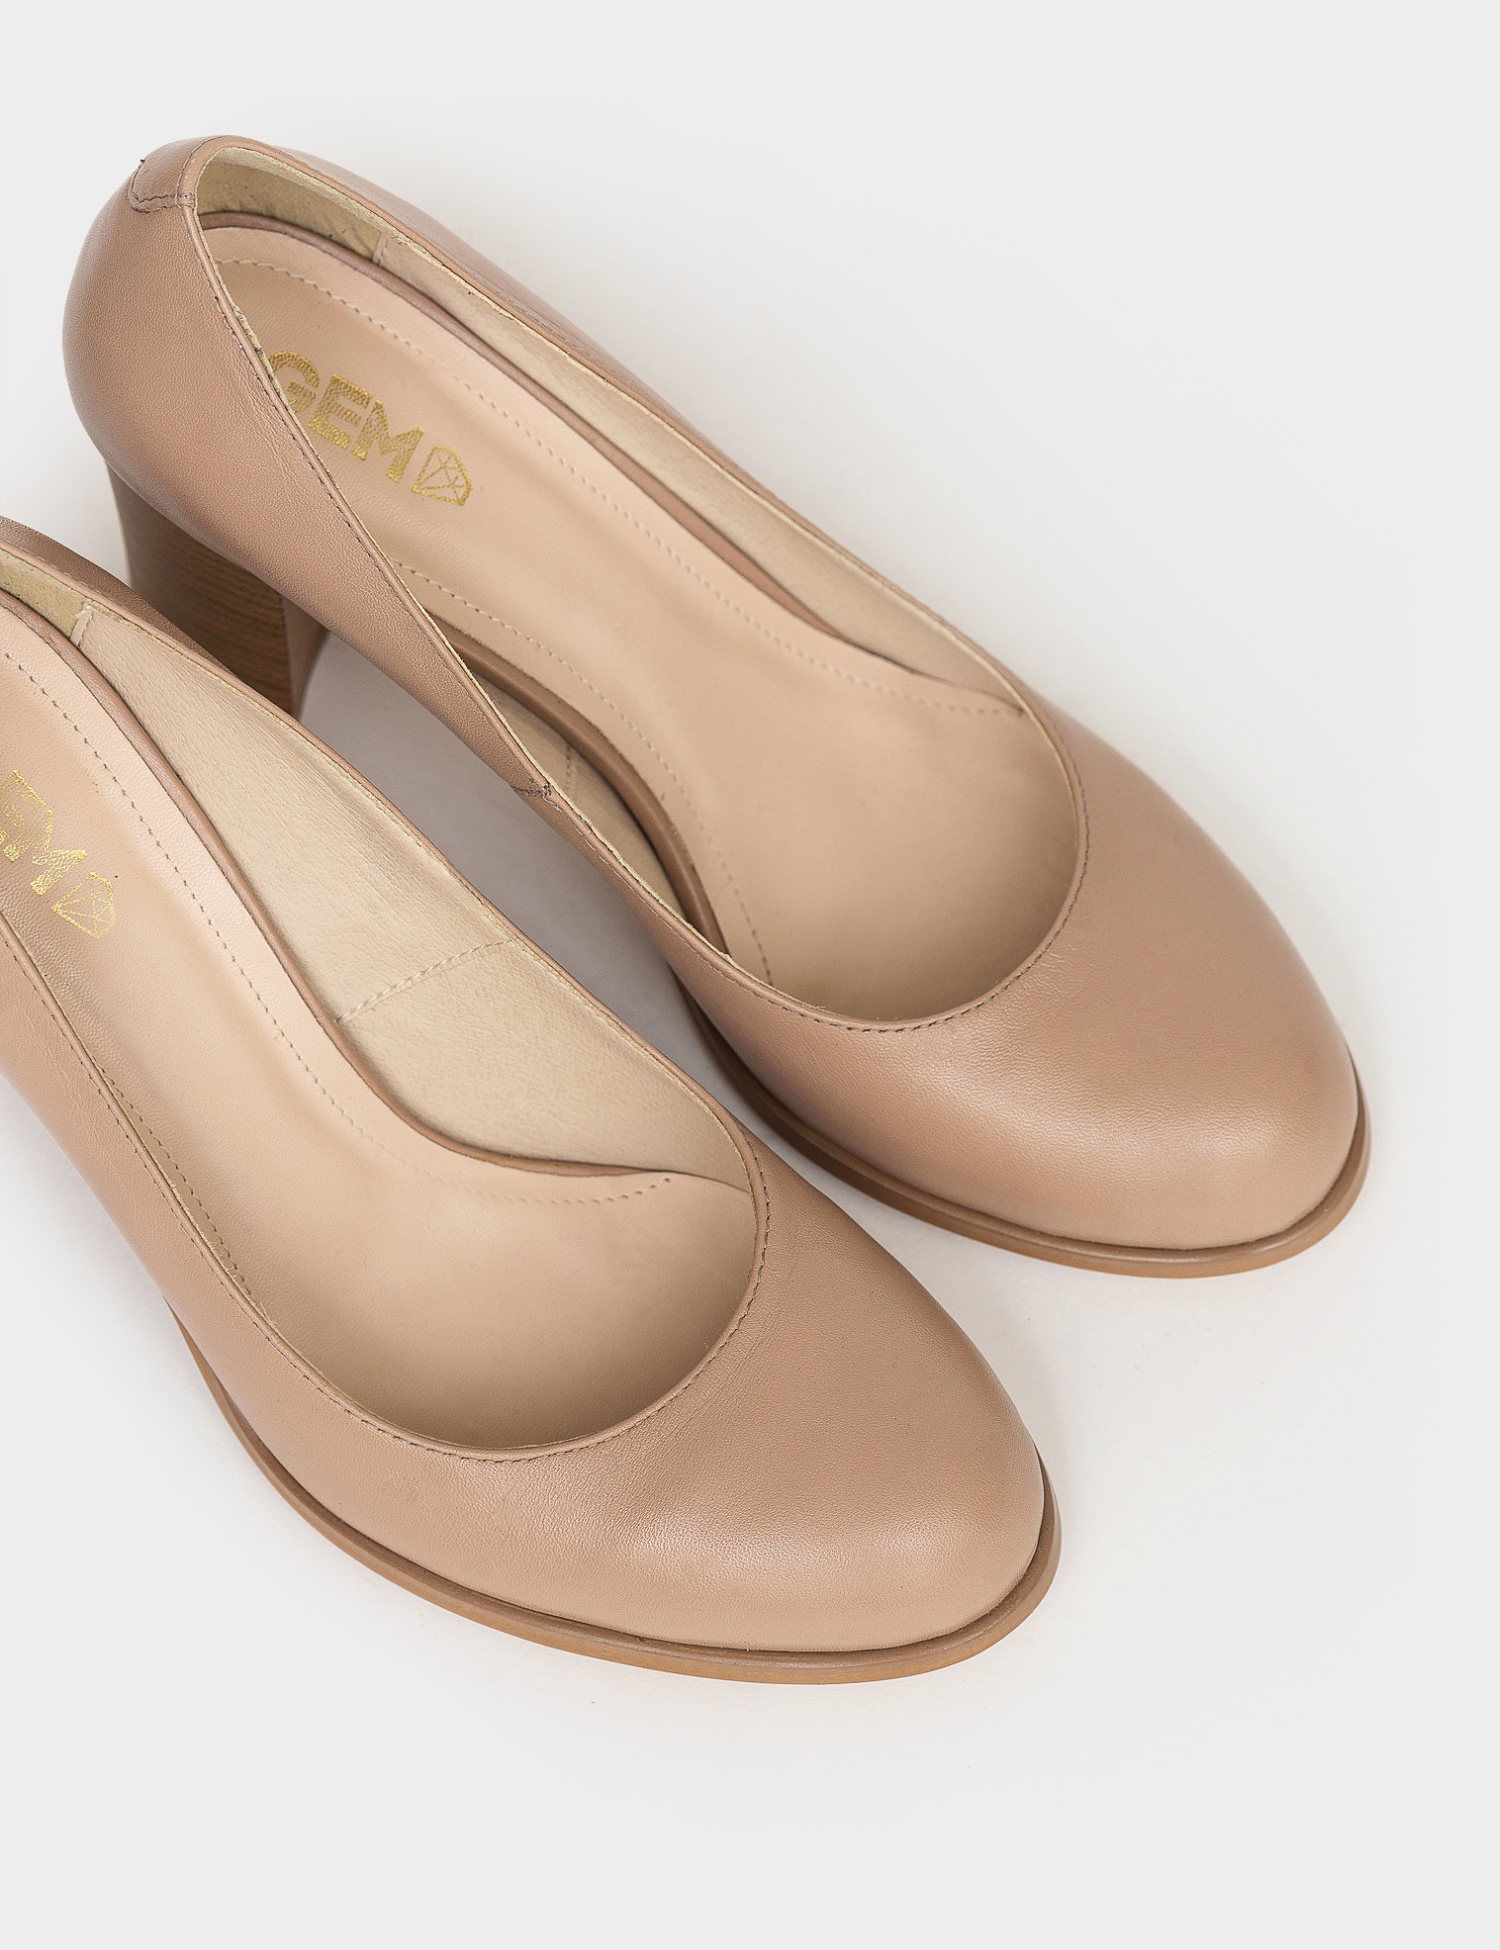 Туфлі  для жінок Лодочки 53014516-1 розово-бежевая кожа 53014516-1 вибрати, 2017